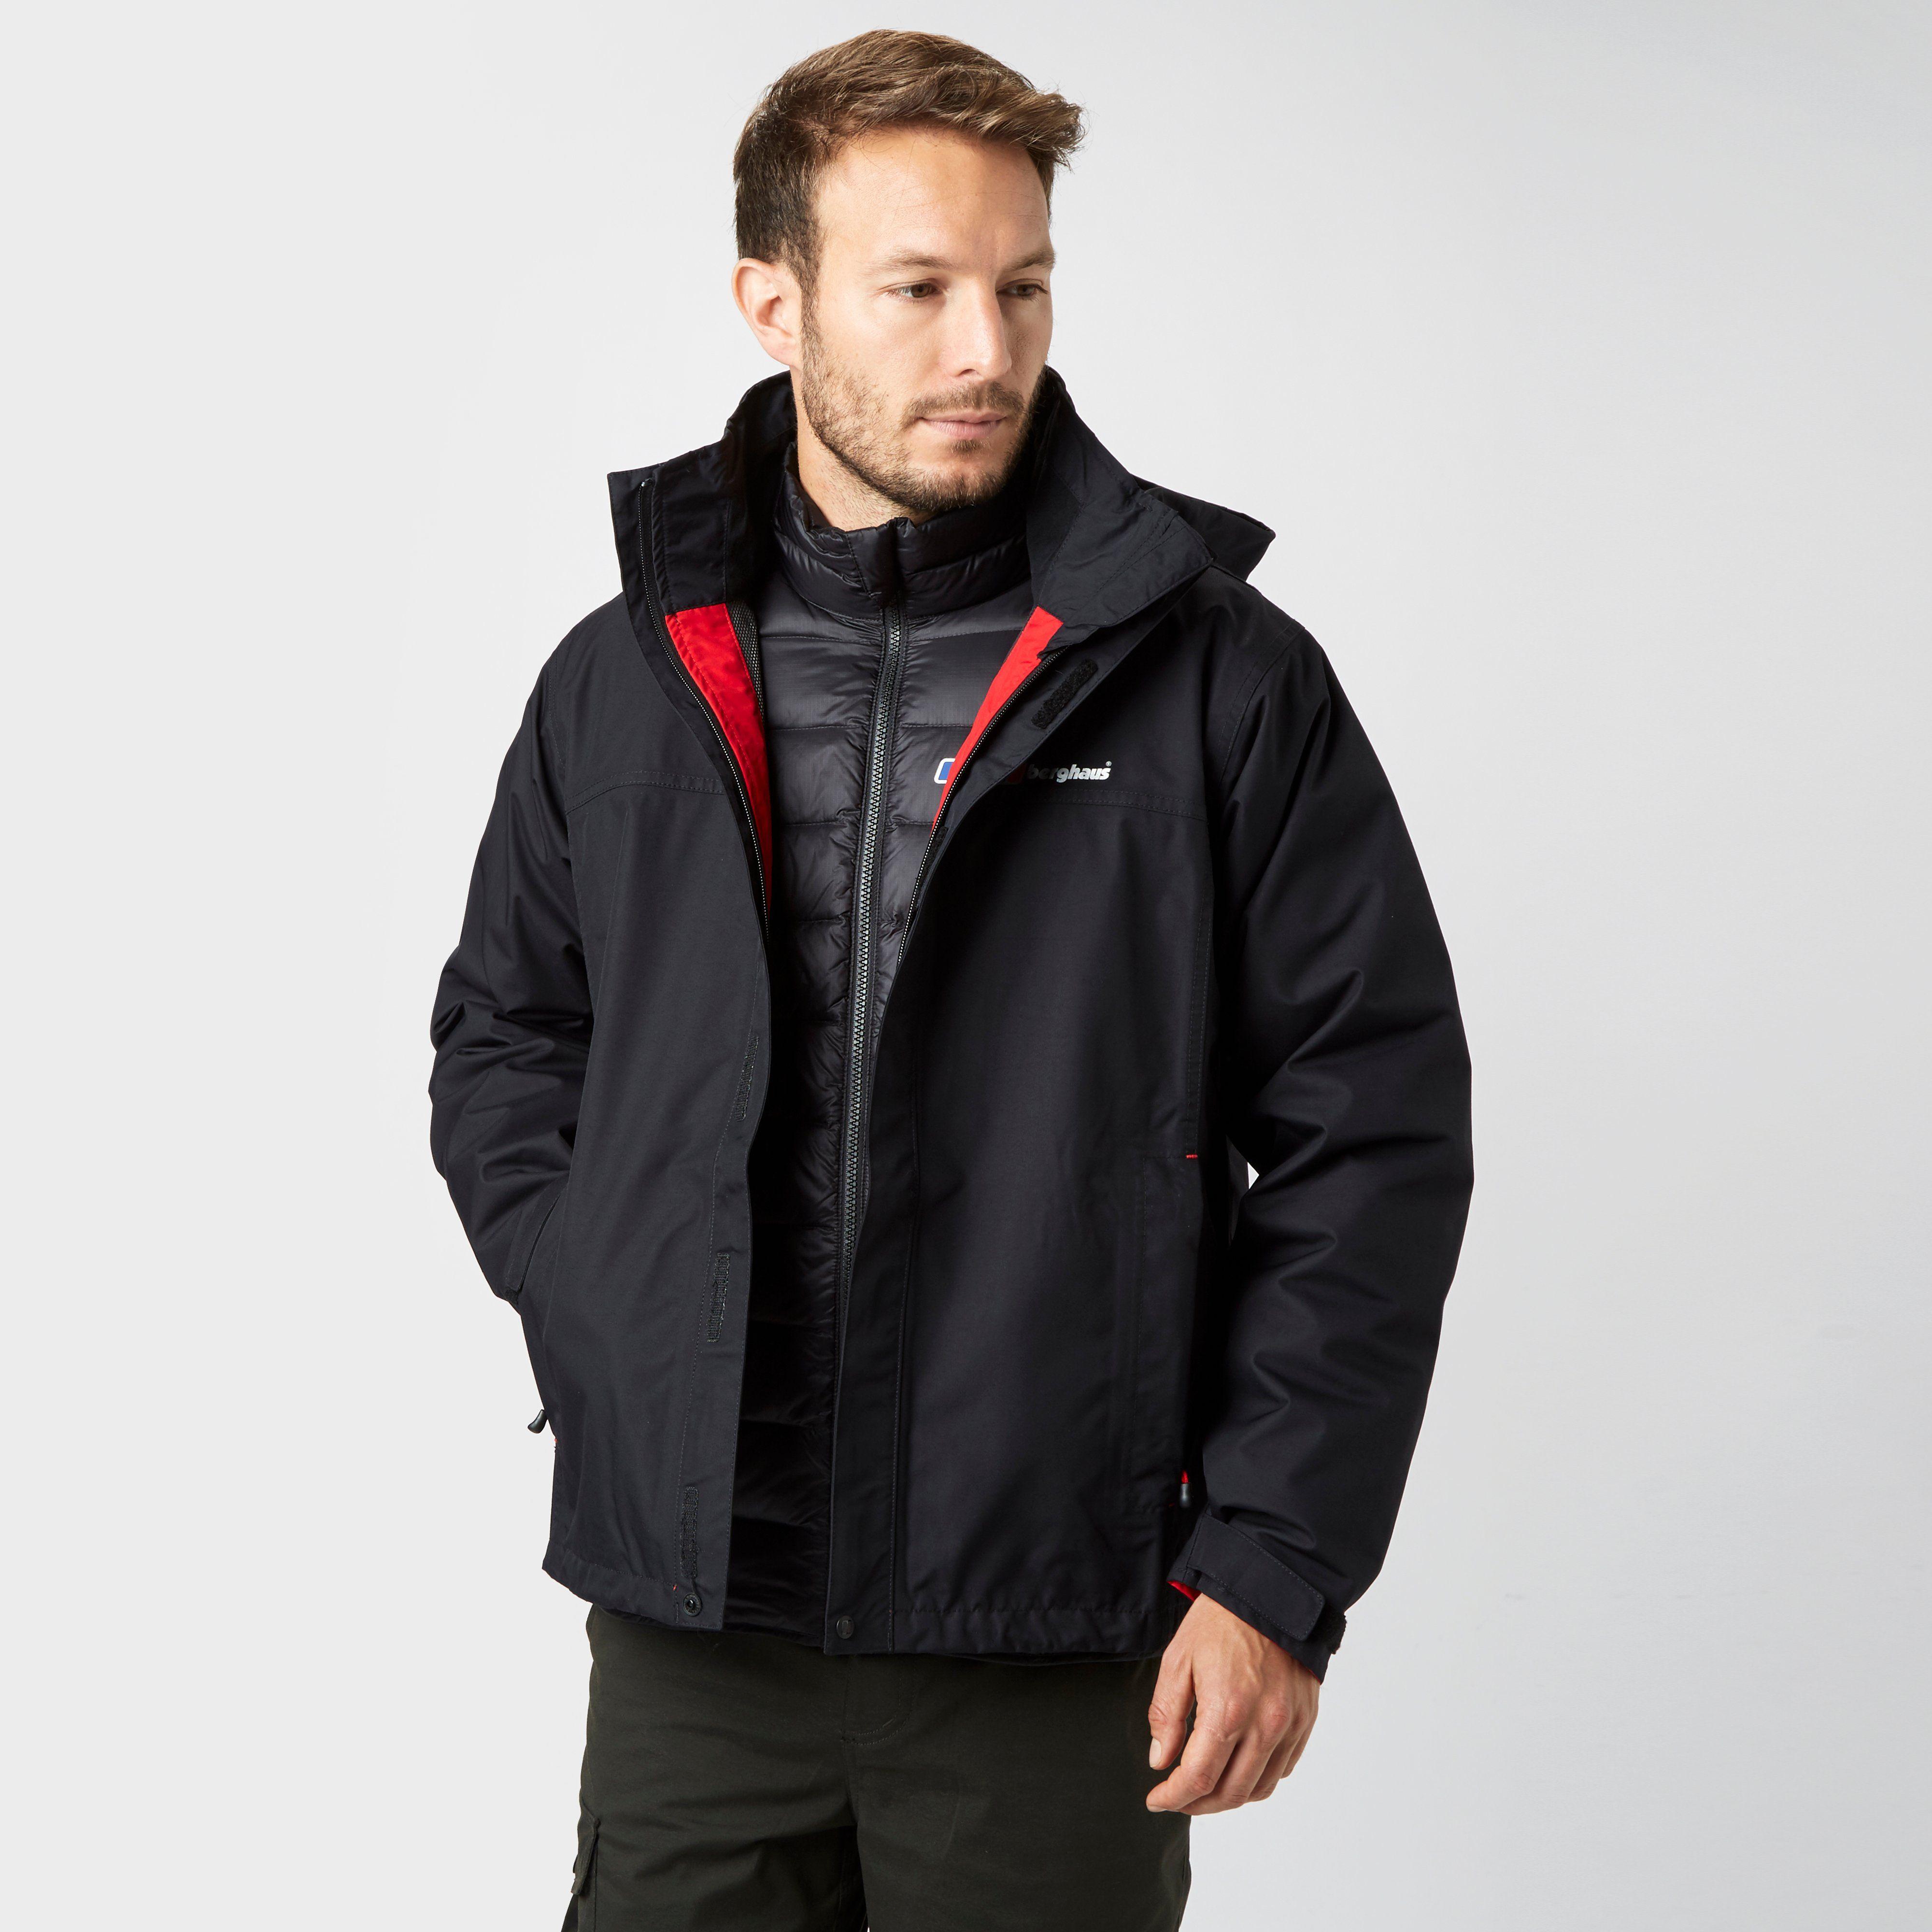 BERGHAUS Men's RG Delta Waterproof Jacket